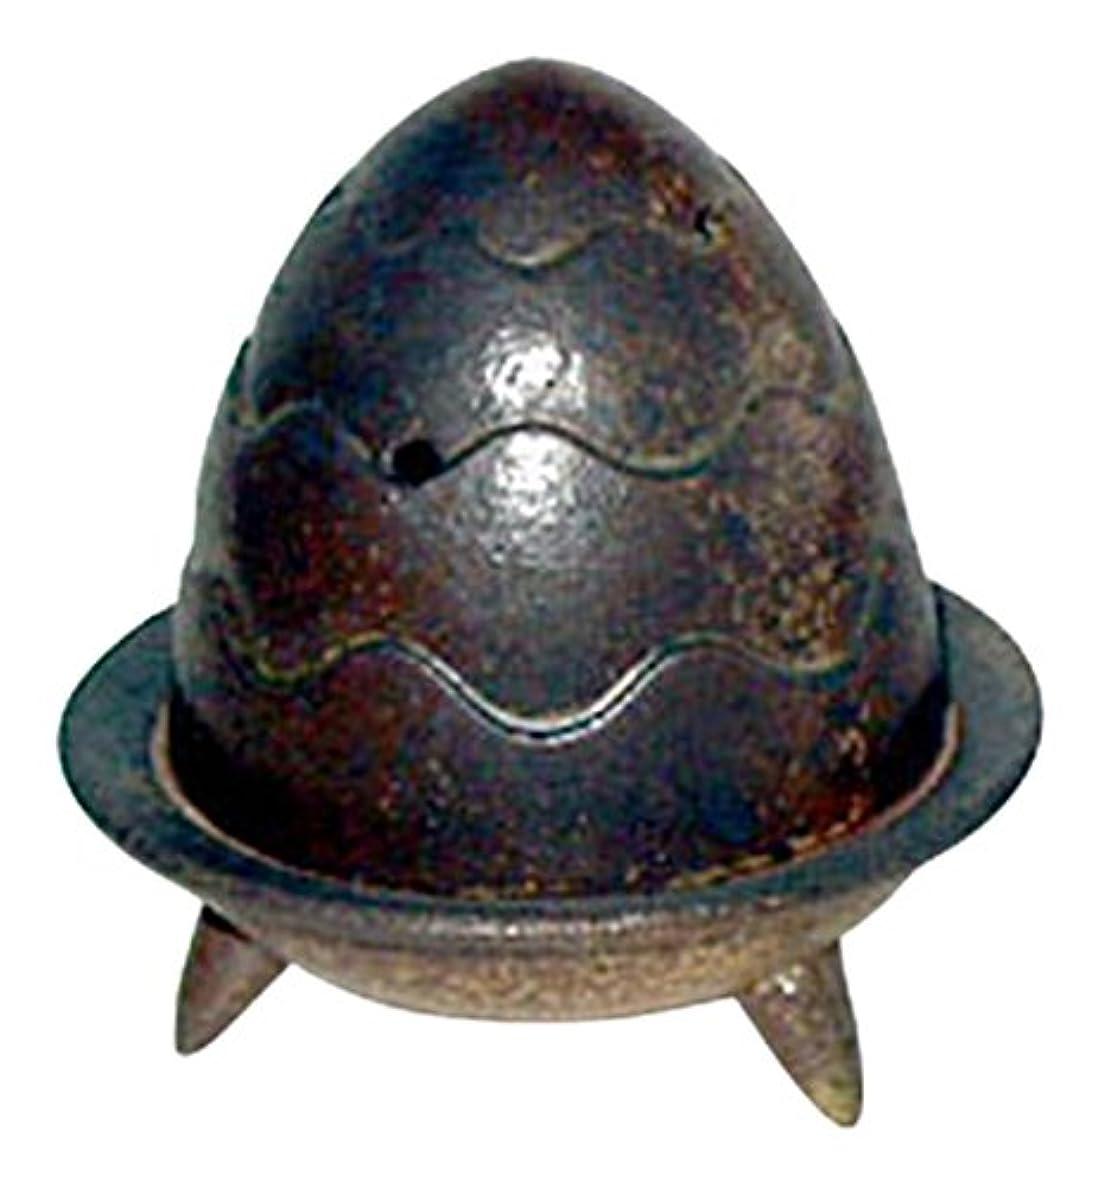 ファンネルウェブスパイダー調べるしてはいけません香炉 おしゃれ : 焼締 香炉/有田焼 Japanese Incense burner/Size(cm) Φ9.3x10/No:221944